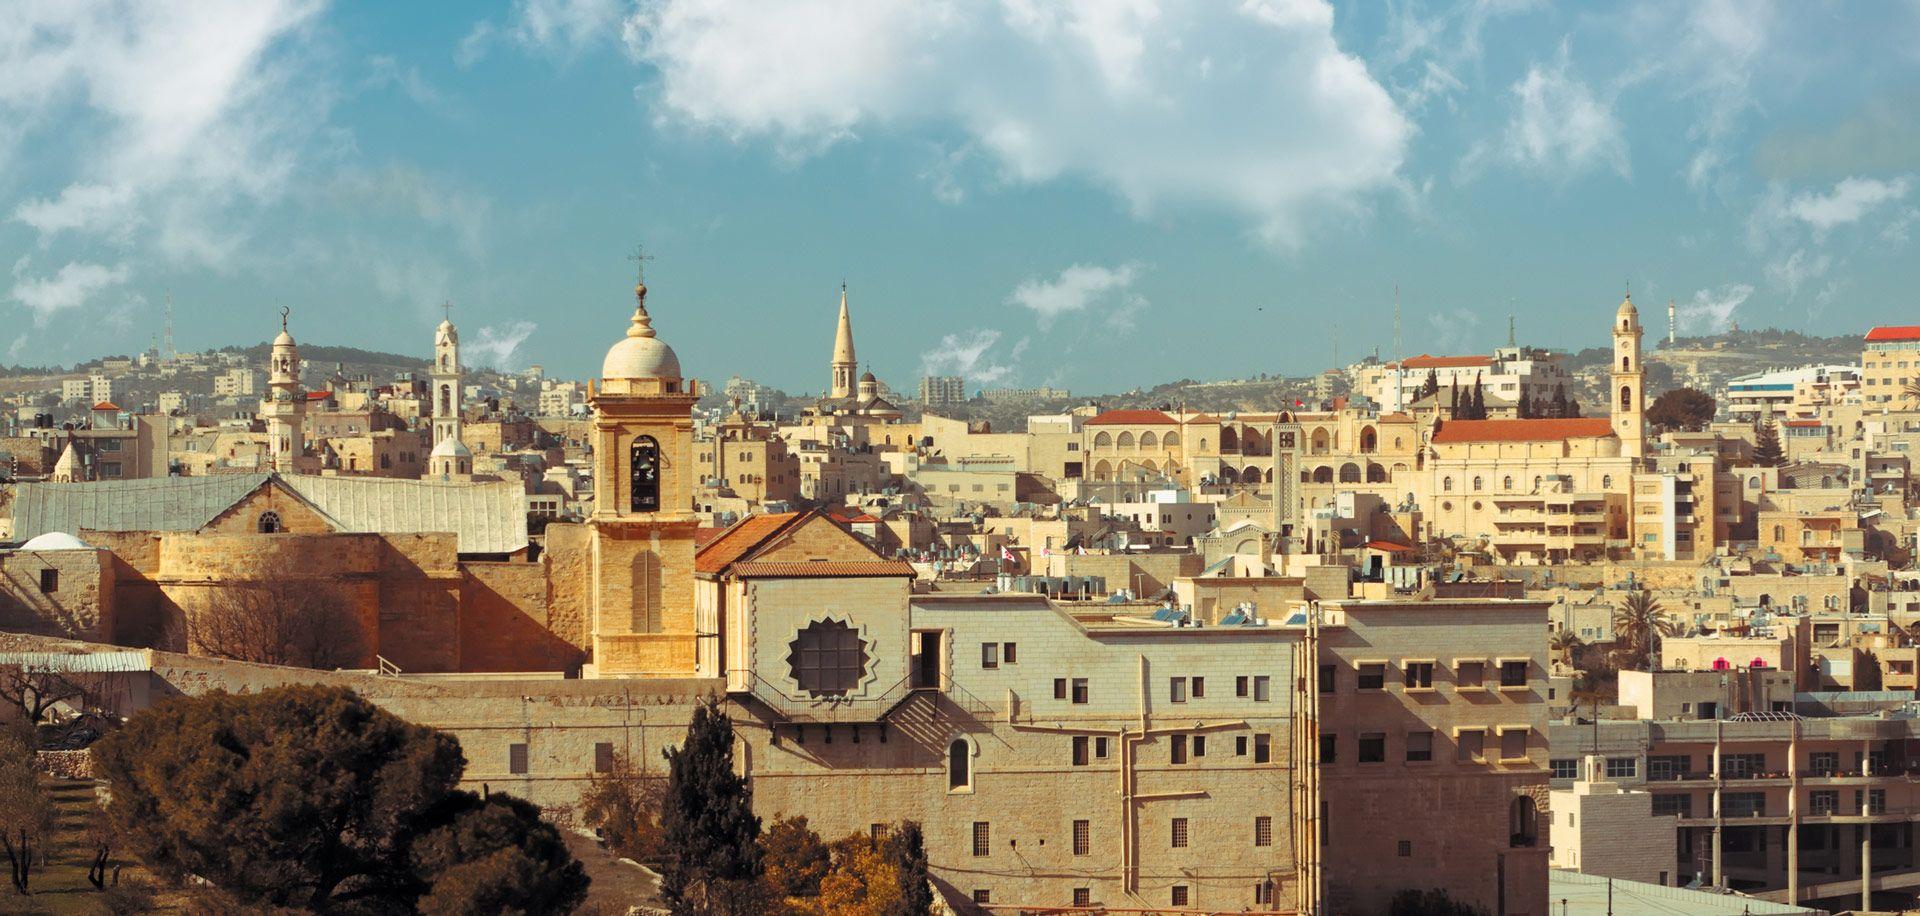 Bethlehem, Palestine   Palestinian Christians